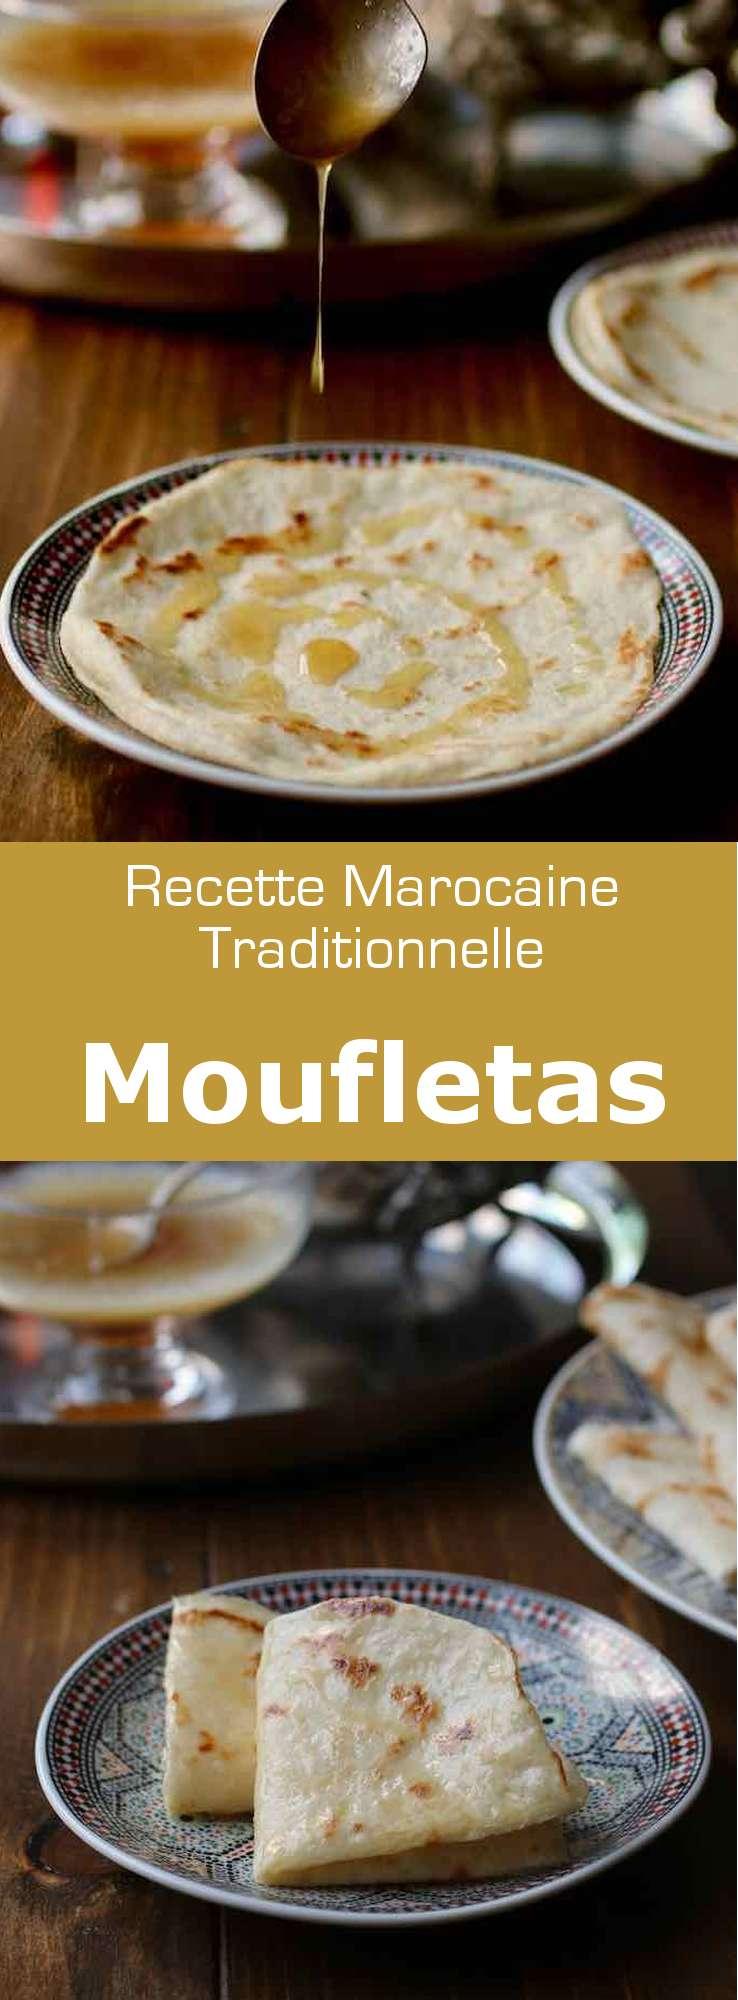 La mofletta est une crêpe juive marocaine traditionnellement consommée pendant la célébration de la Mimouna, à la fin de Pessah, la Pâque juive. #Maroc #RecetteMarocaine #RecetteJuive #RecetteDePessah #CuisineMarocaine #CuisineJuive #CuisineDuMonde #196flavors